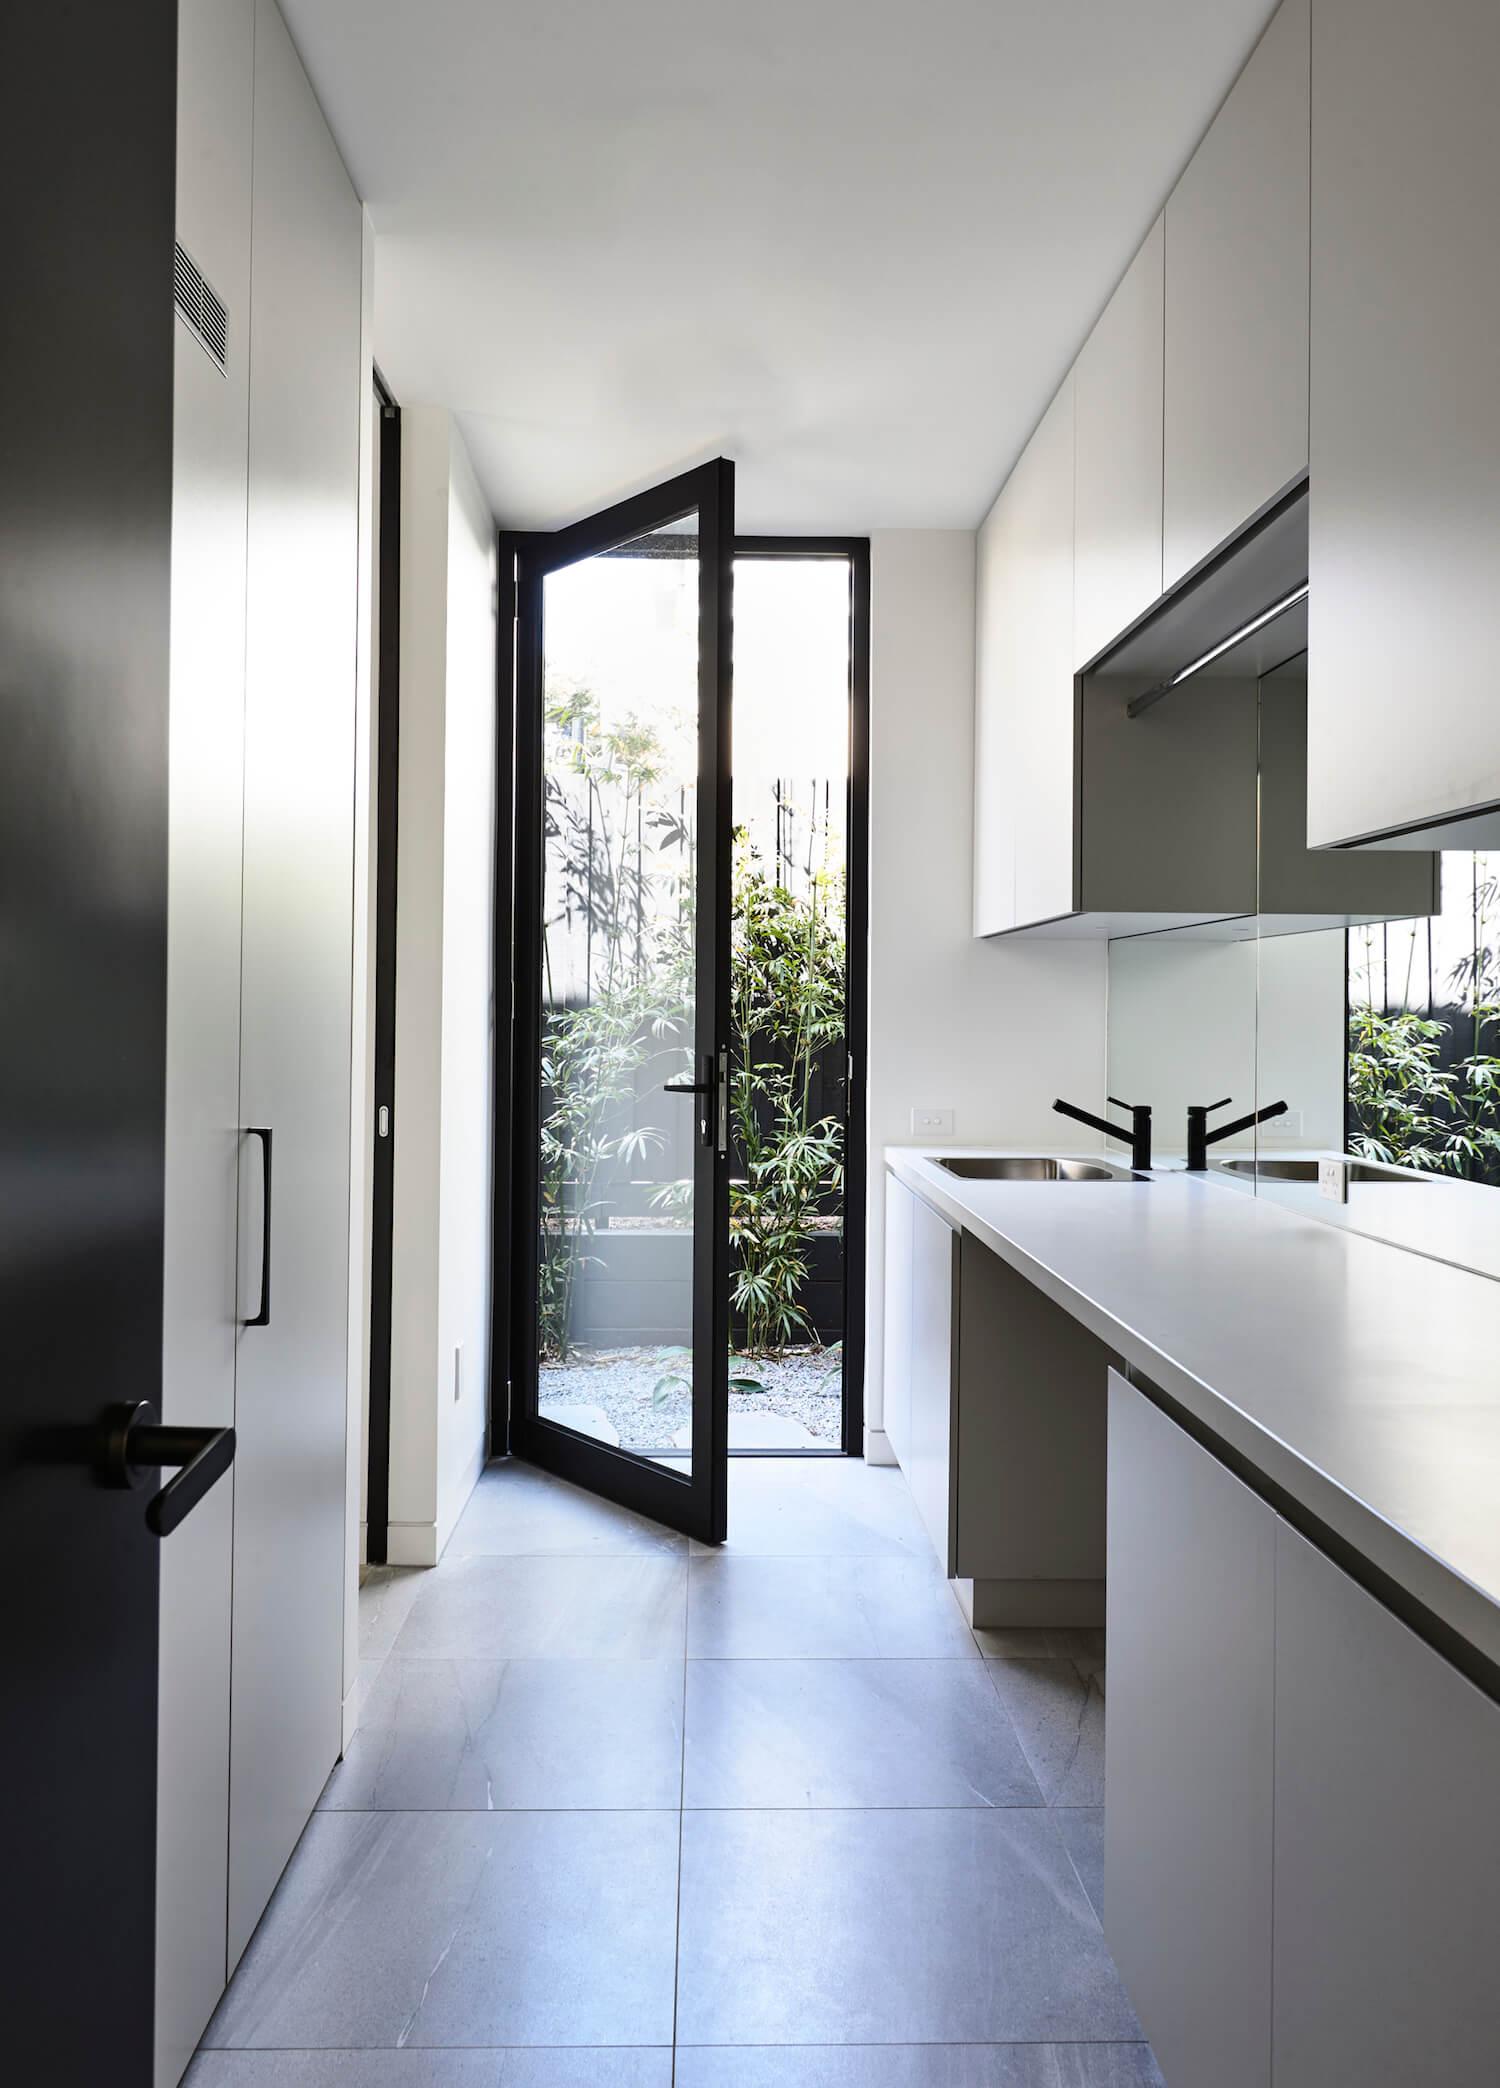 est living interiors Canny872